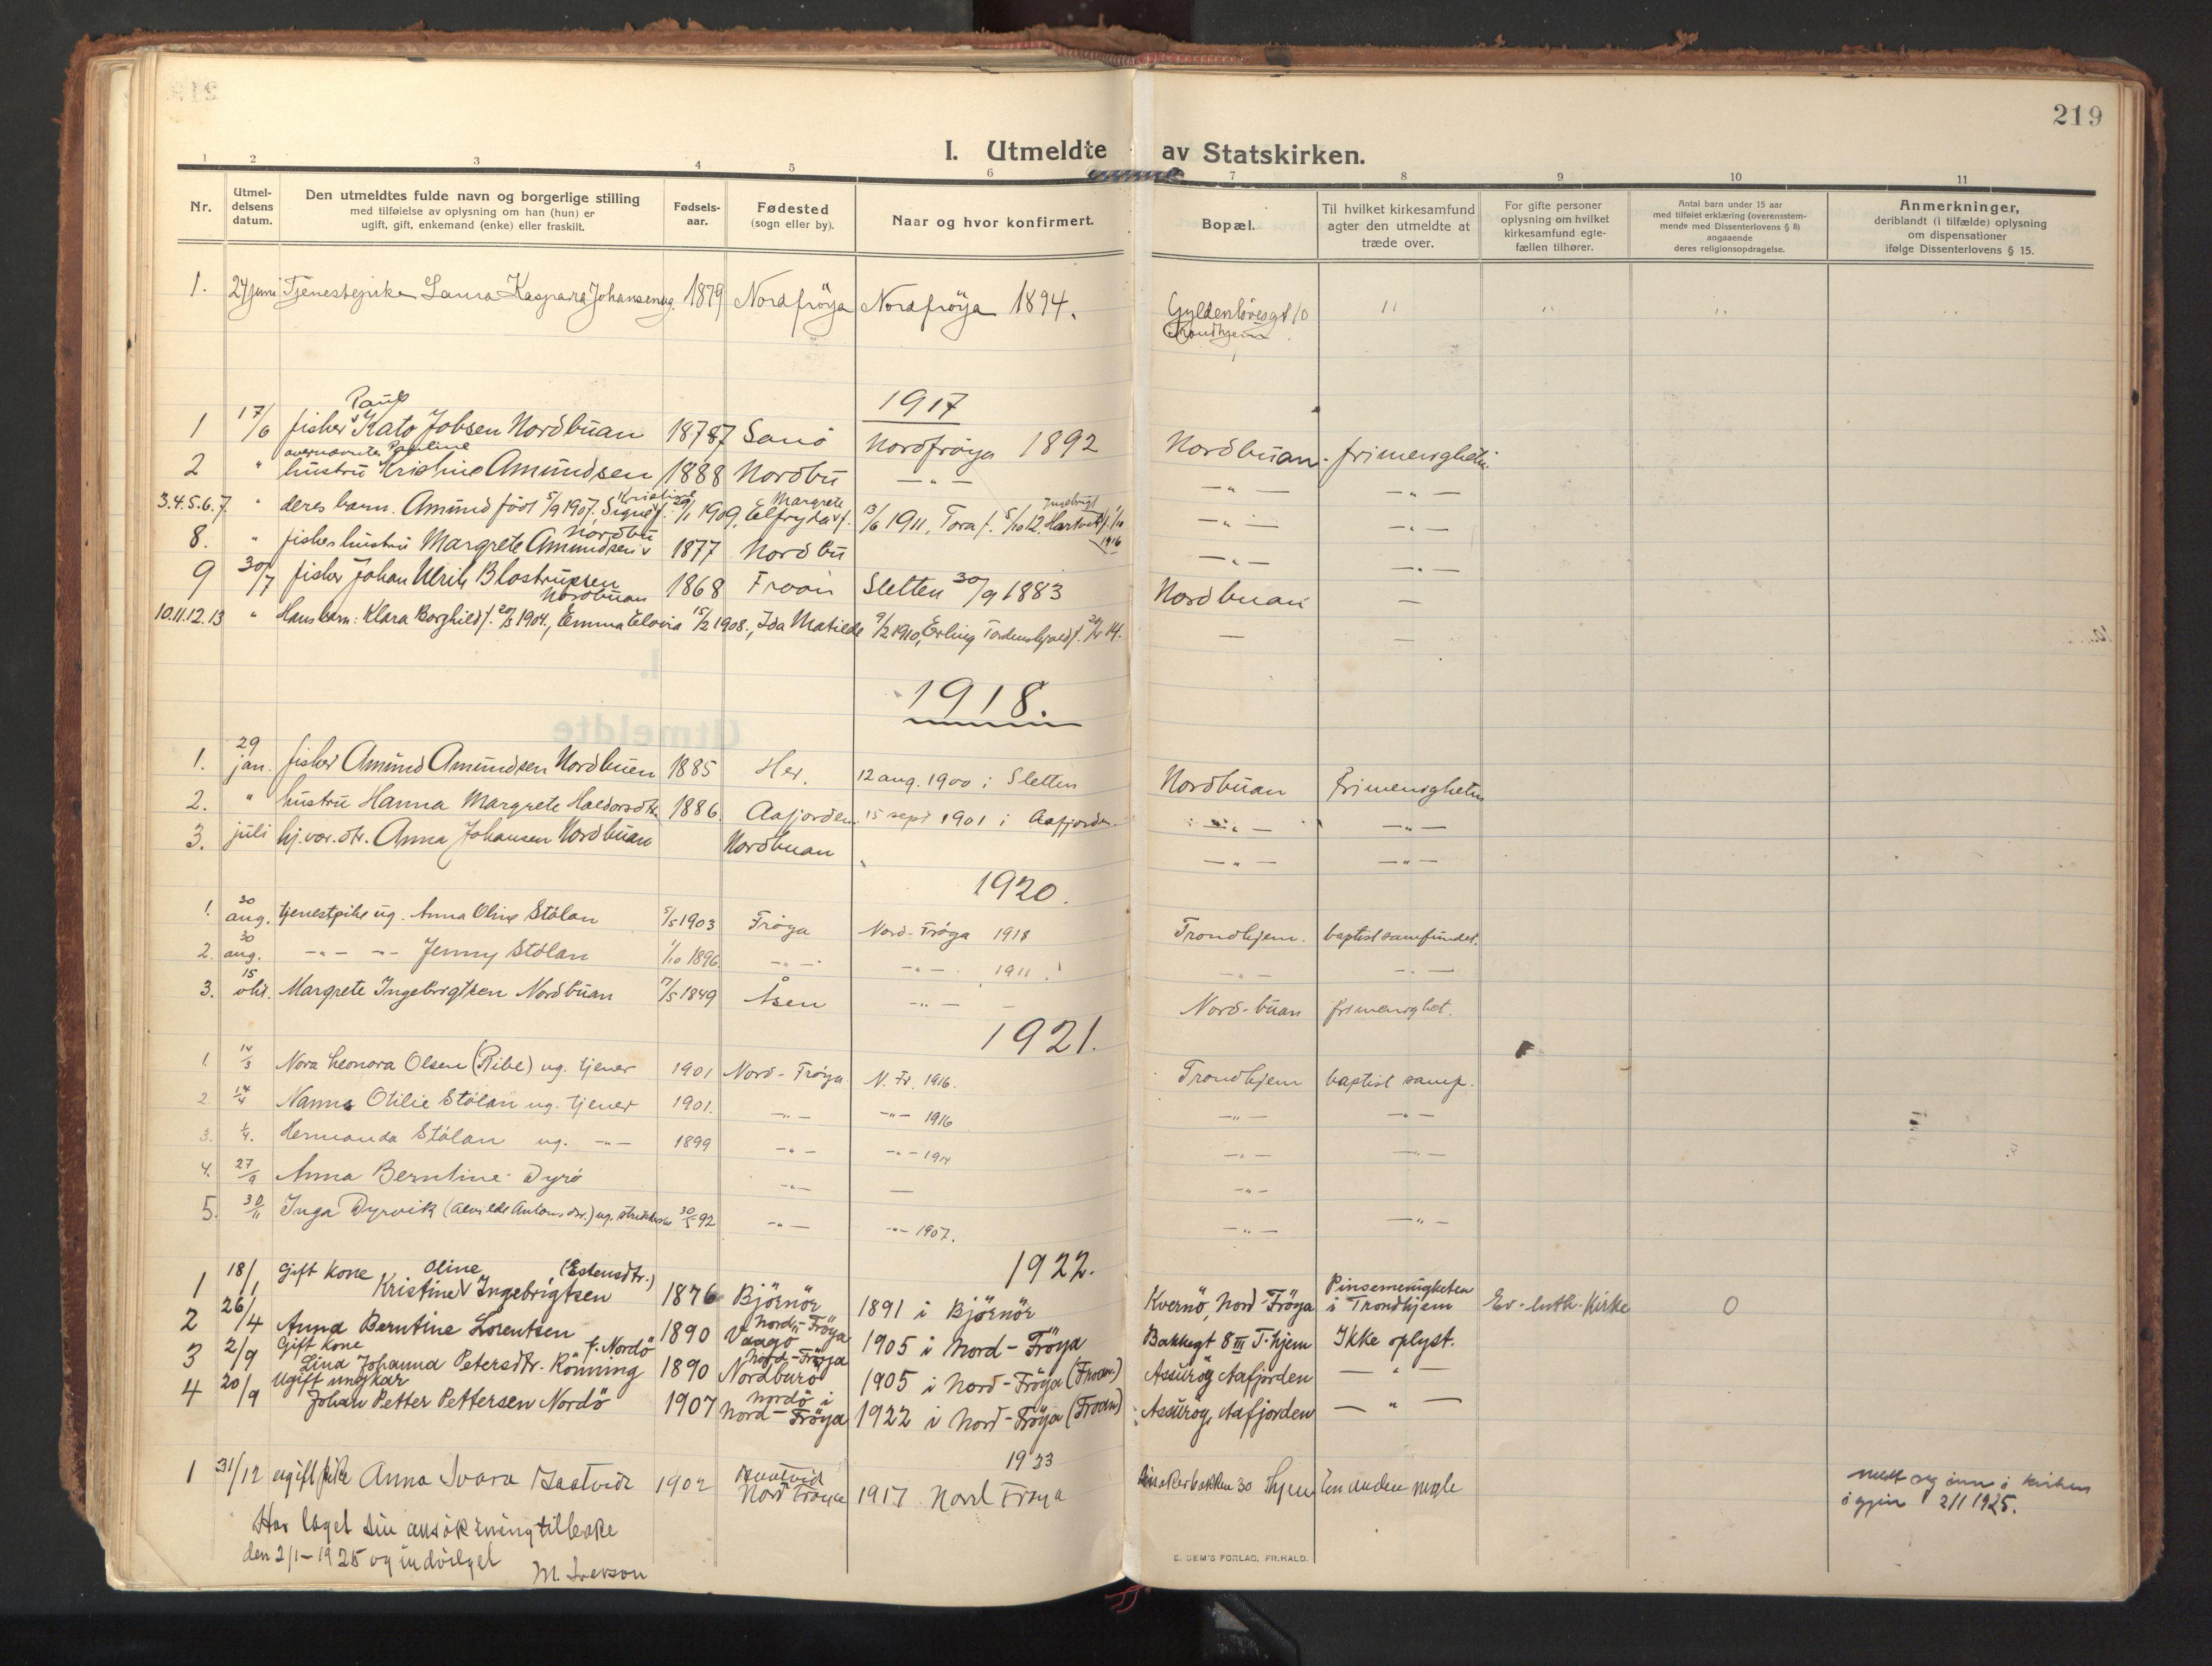 SAT, Ministerialprotokoller, klokkerbøker og fødselsregistre - Sør-Trøndelag, 640/L0581: Ministerialbok nr. 640A06, 1910-1924, s. 219